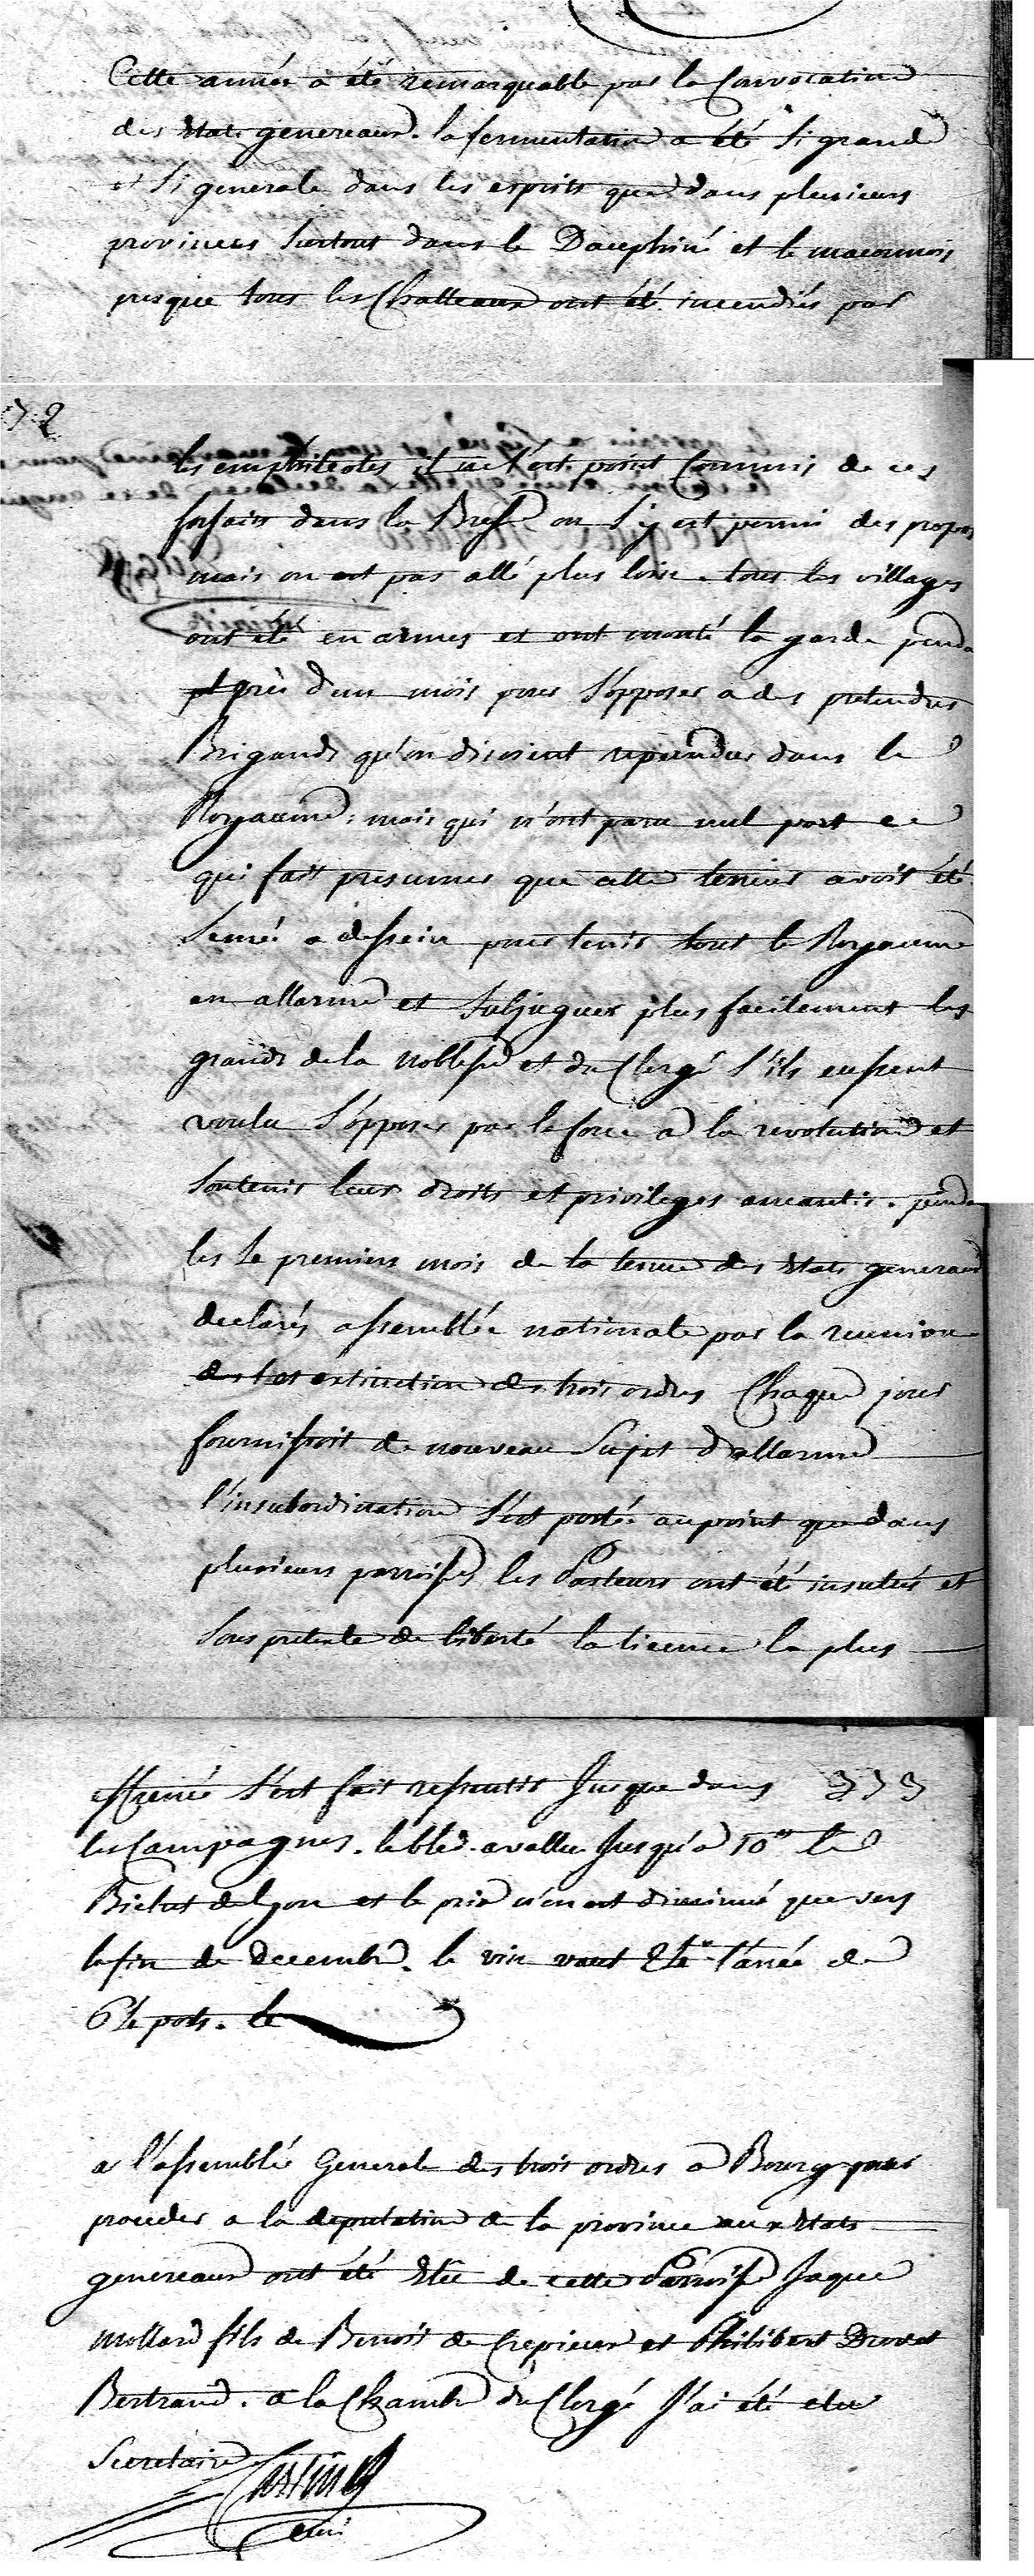 Chronique de l'année 1789 & événements révolutionnaires